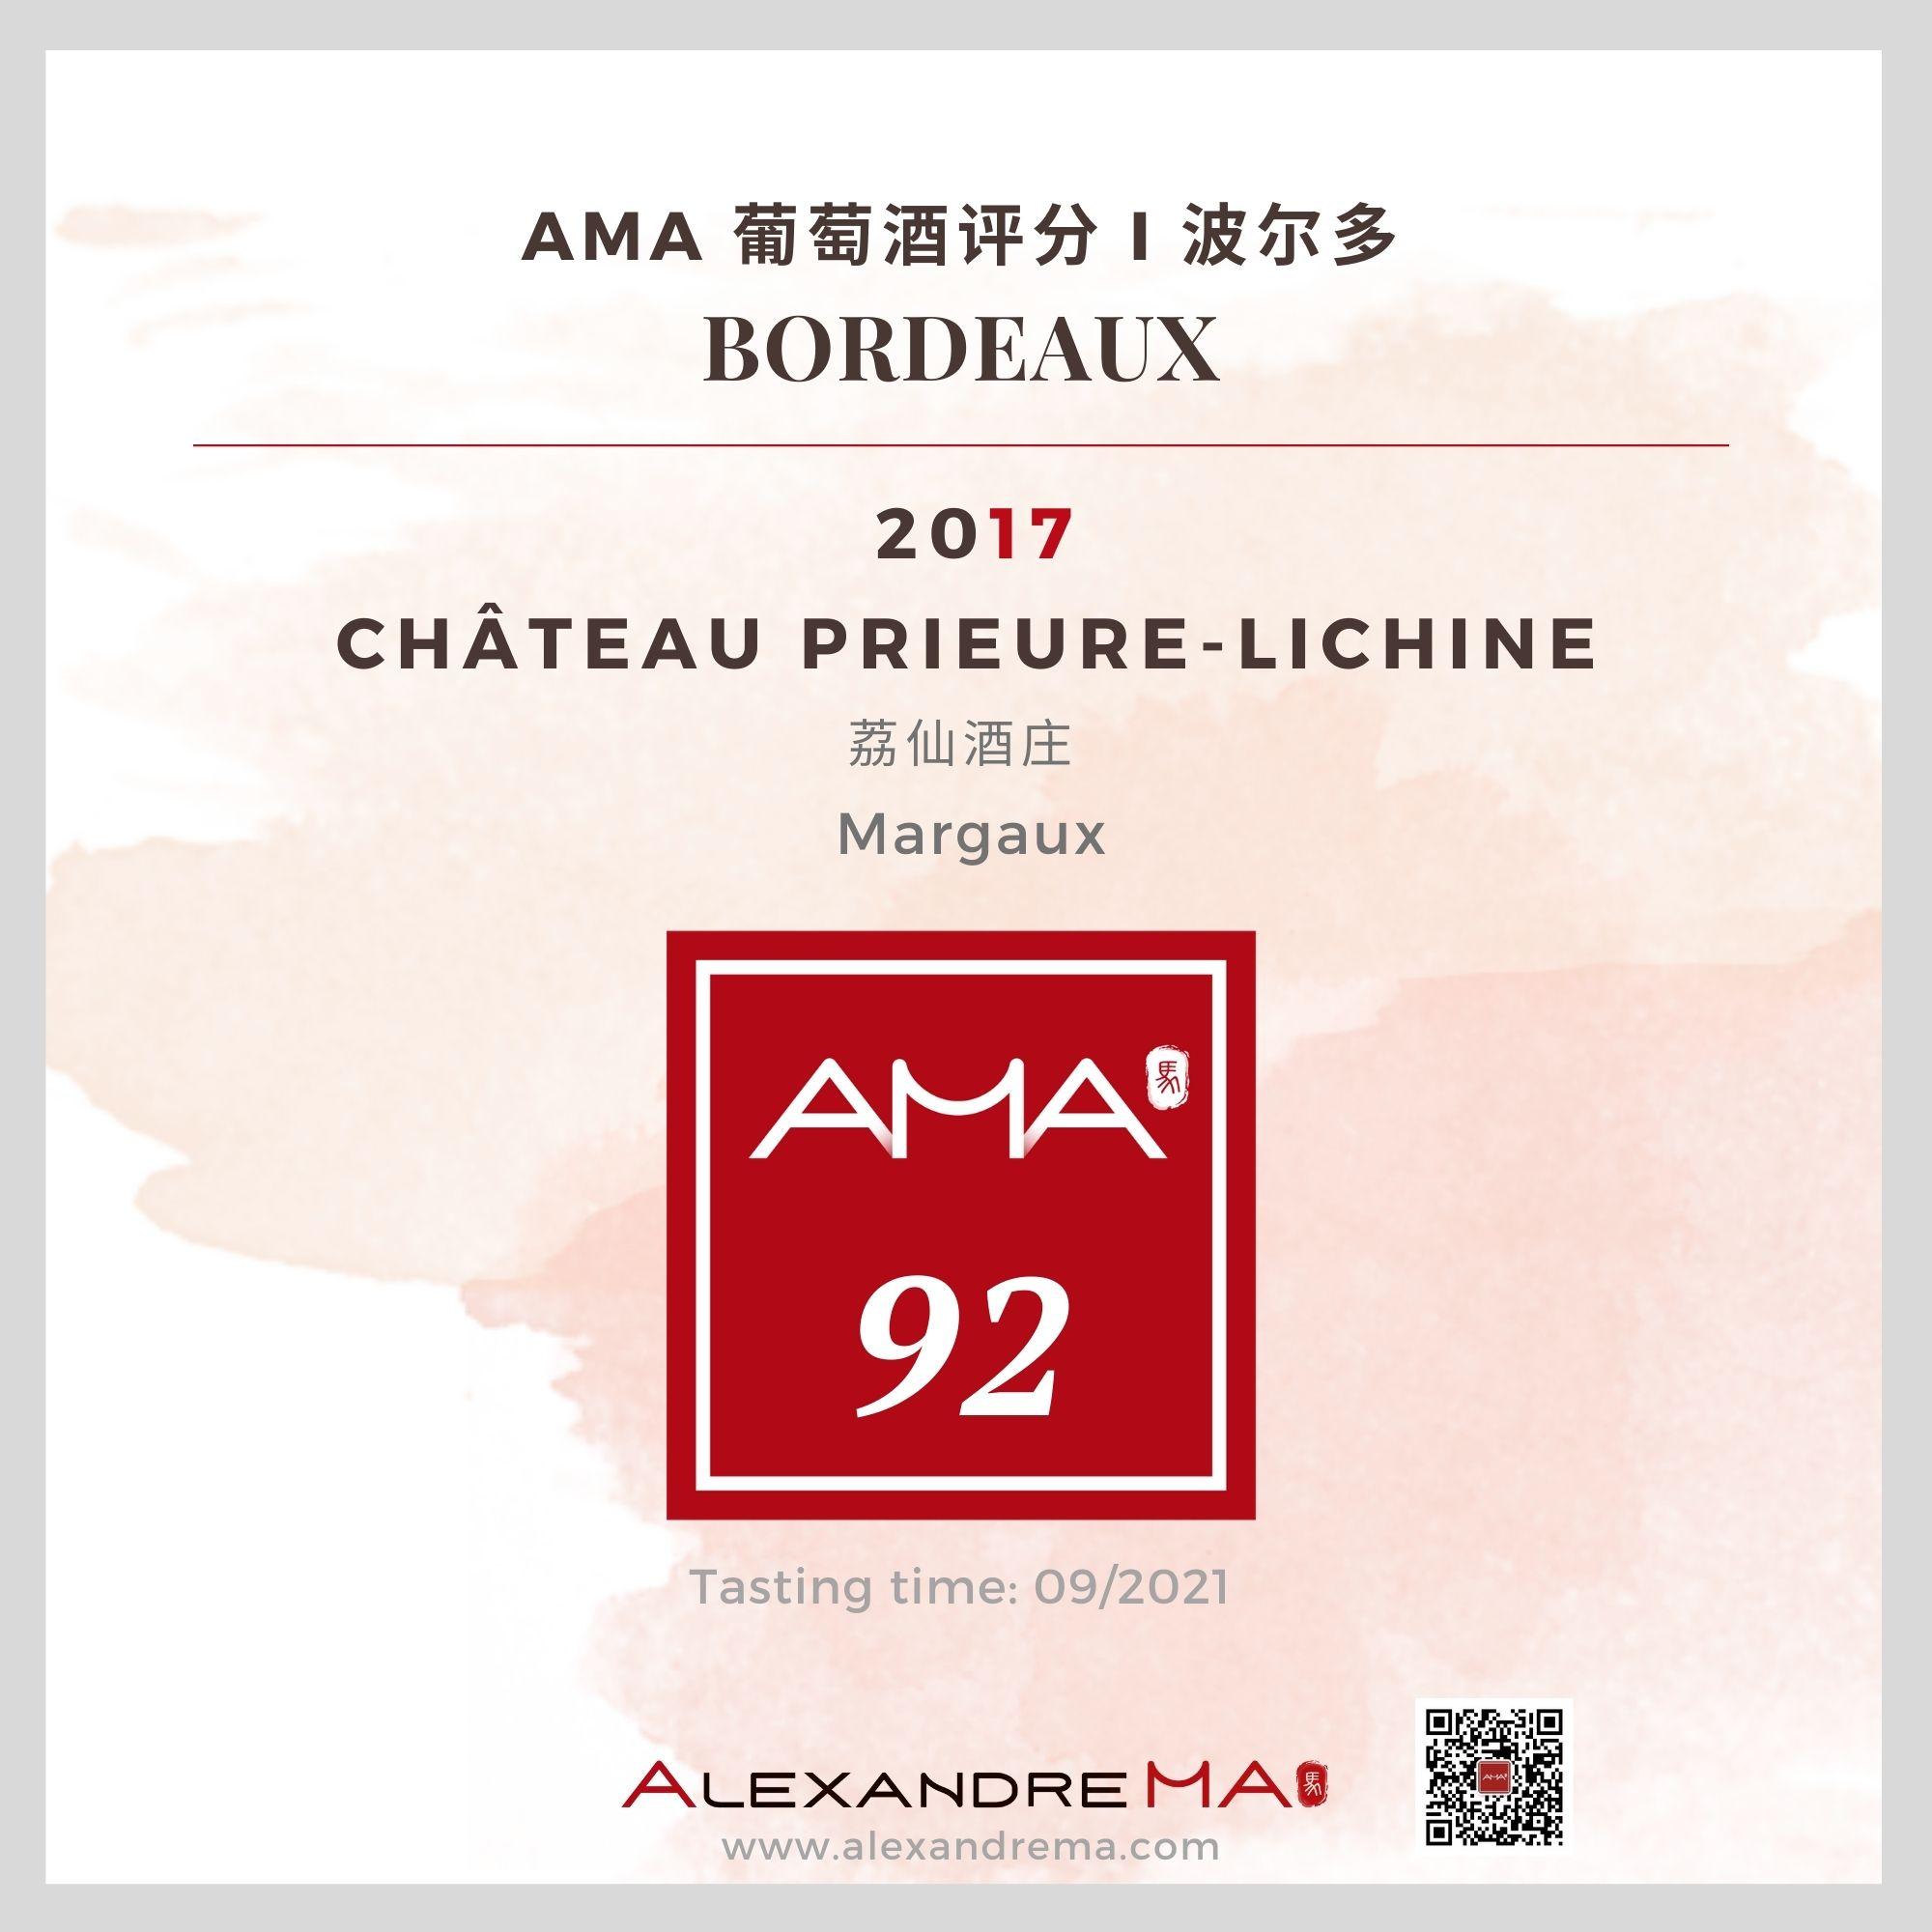 Château Prieuré-Lichine 2017 荔仙酒庄 - Alexandre Ma